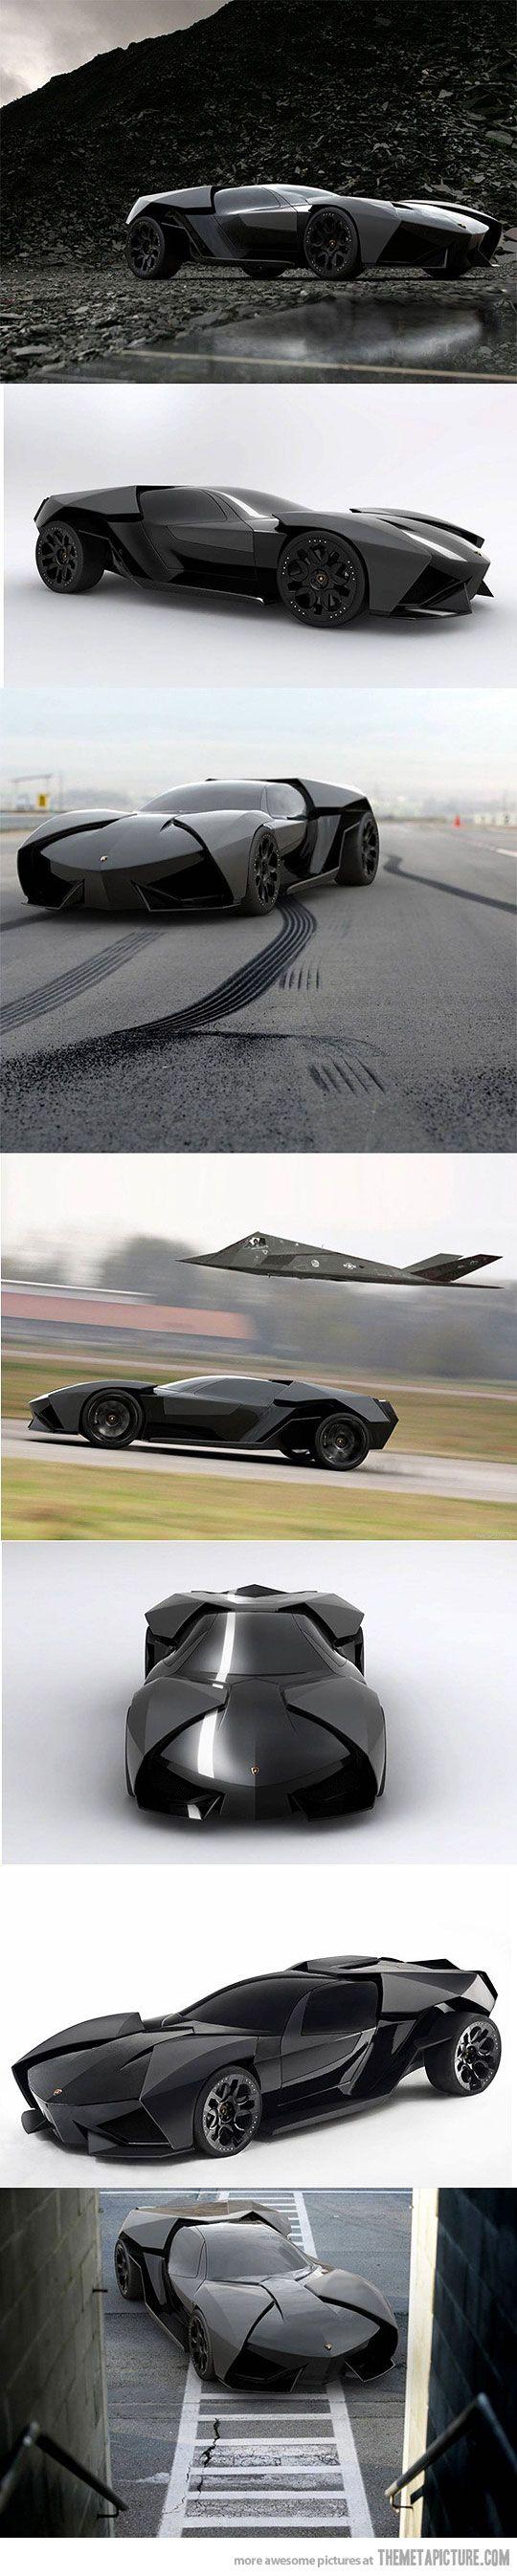 Lamborghini Ankonian: The Batmobile